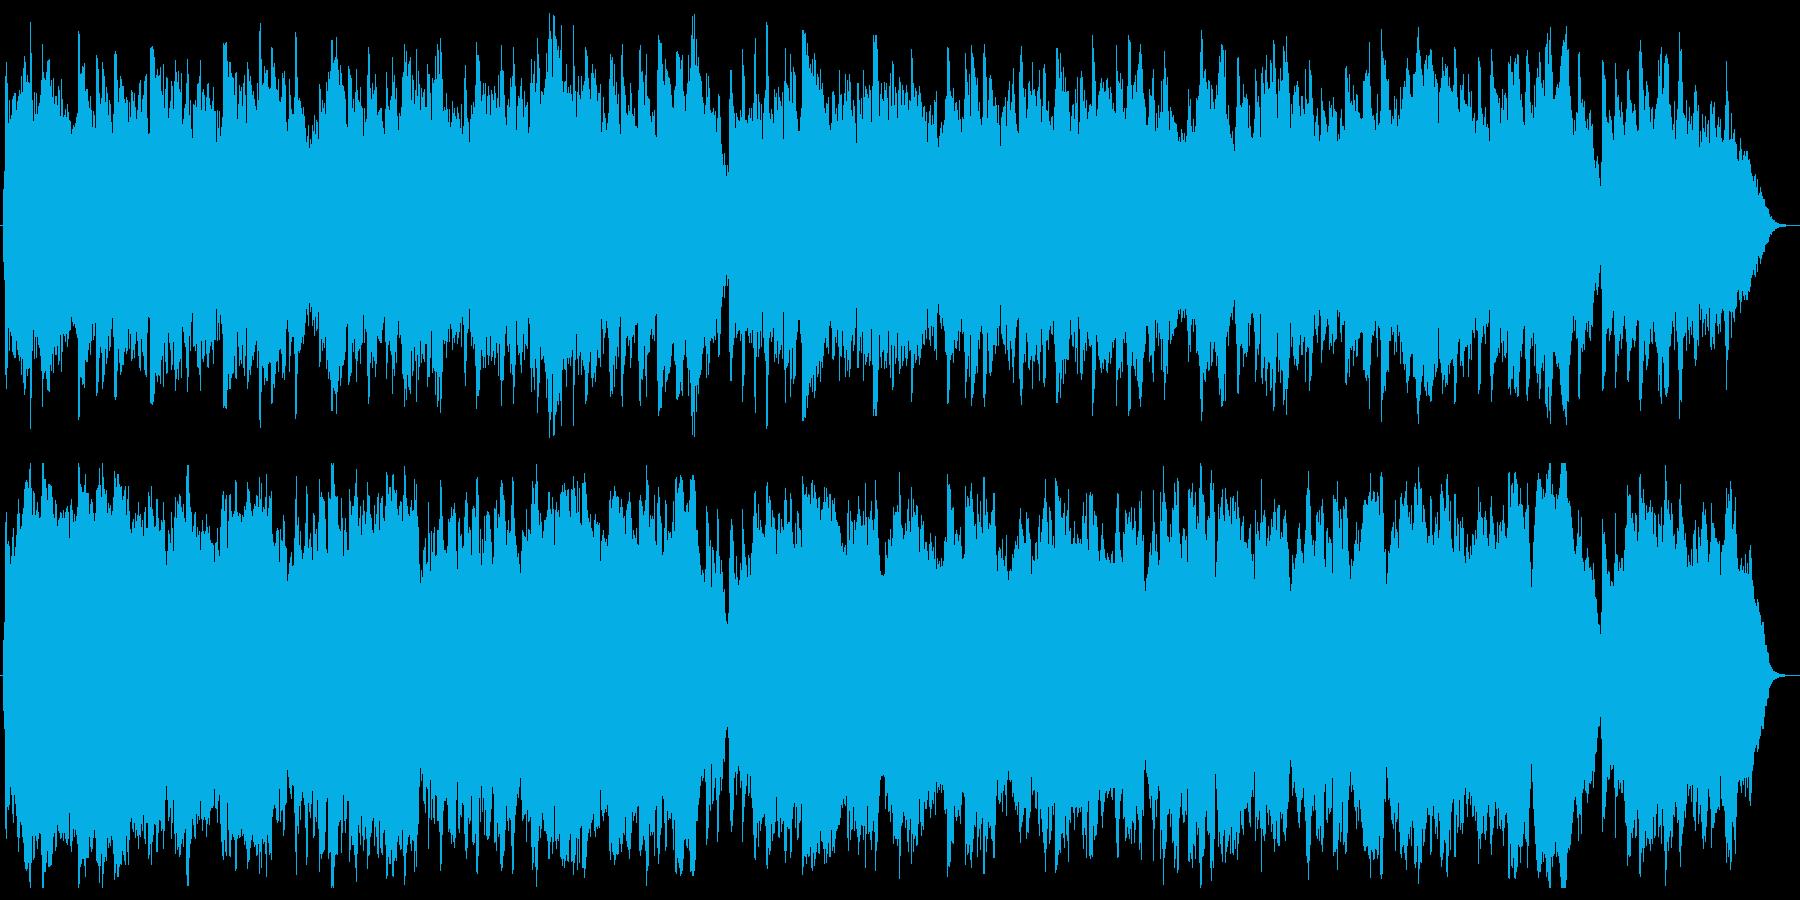 聖しこの夜 オルゴール&Str.の再生済みの波形